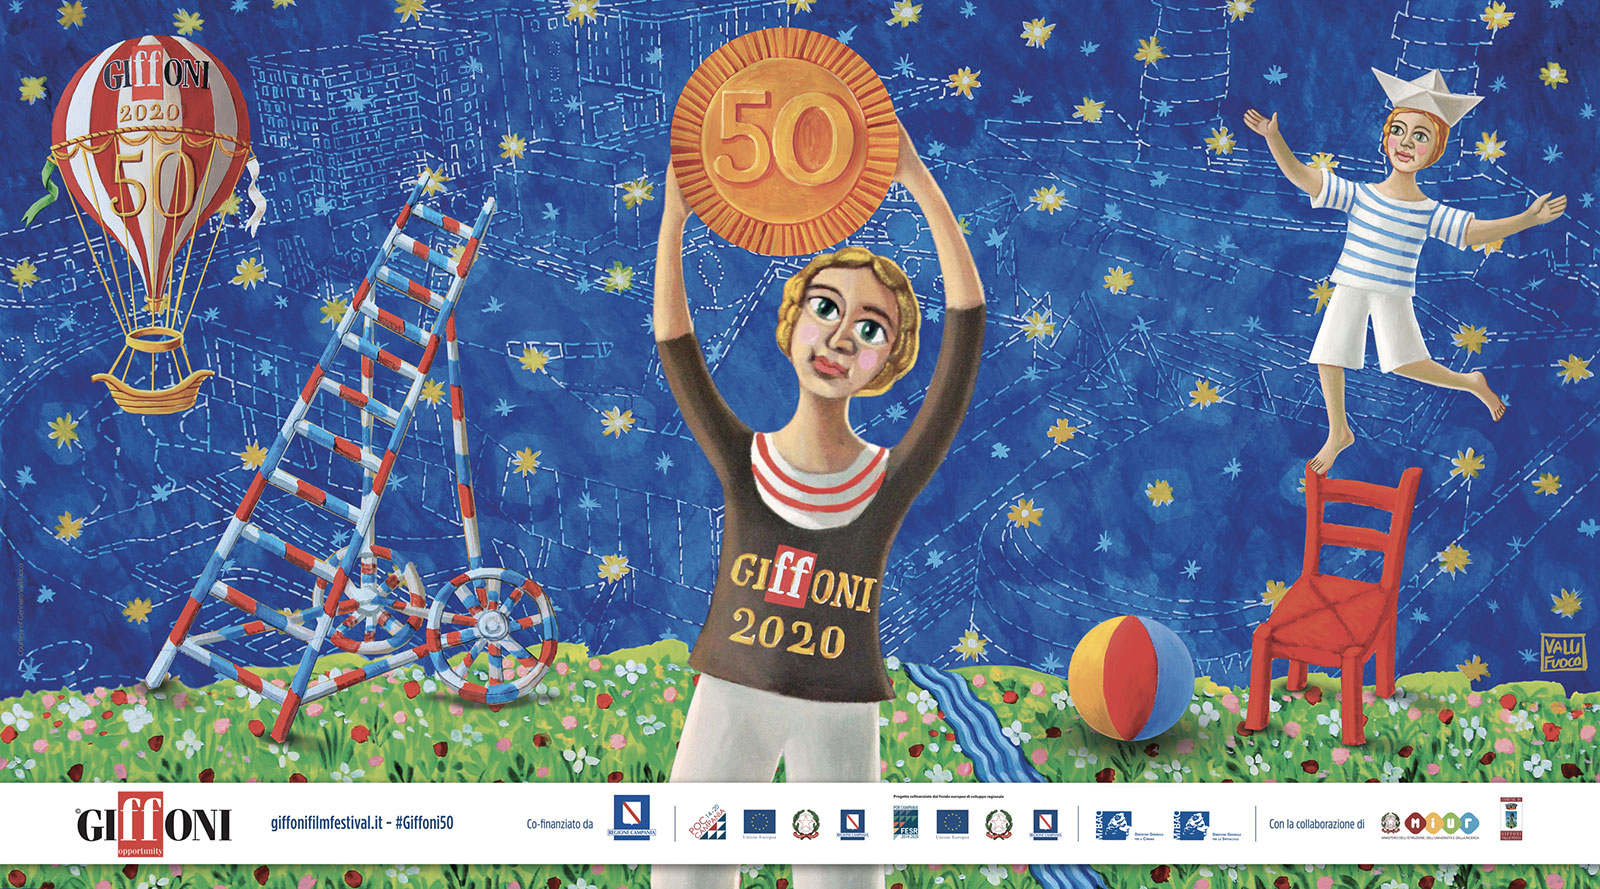 Paestum dall'11 al 14 agosto la seconda parte del #Giffoni50